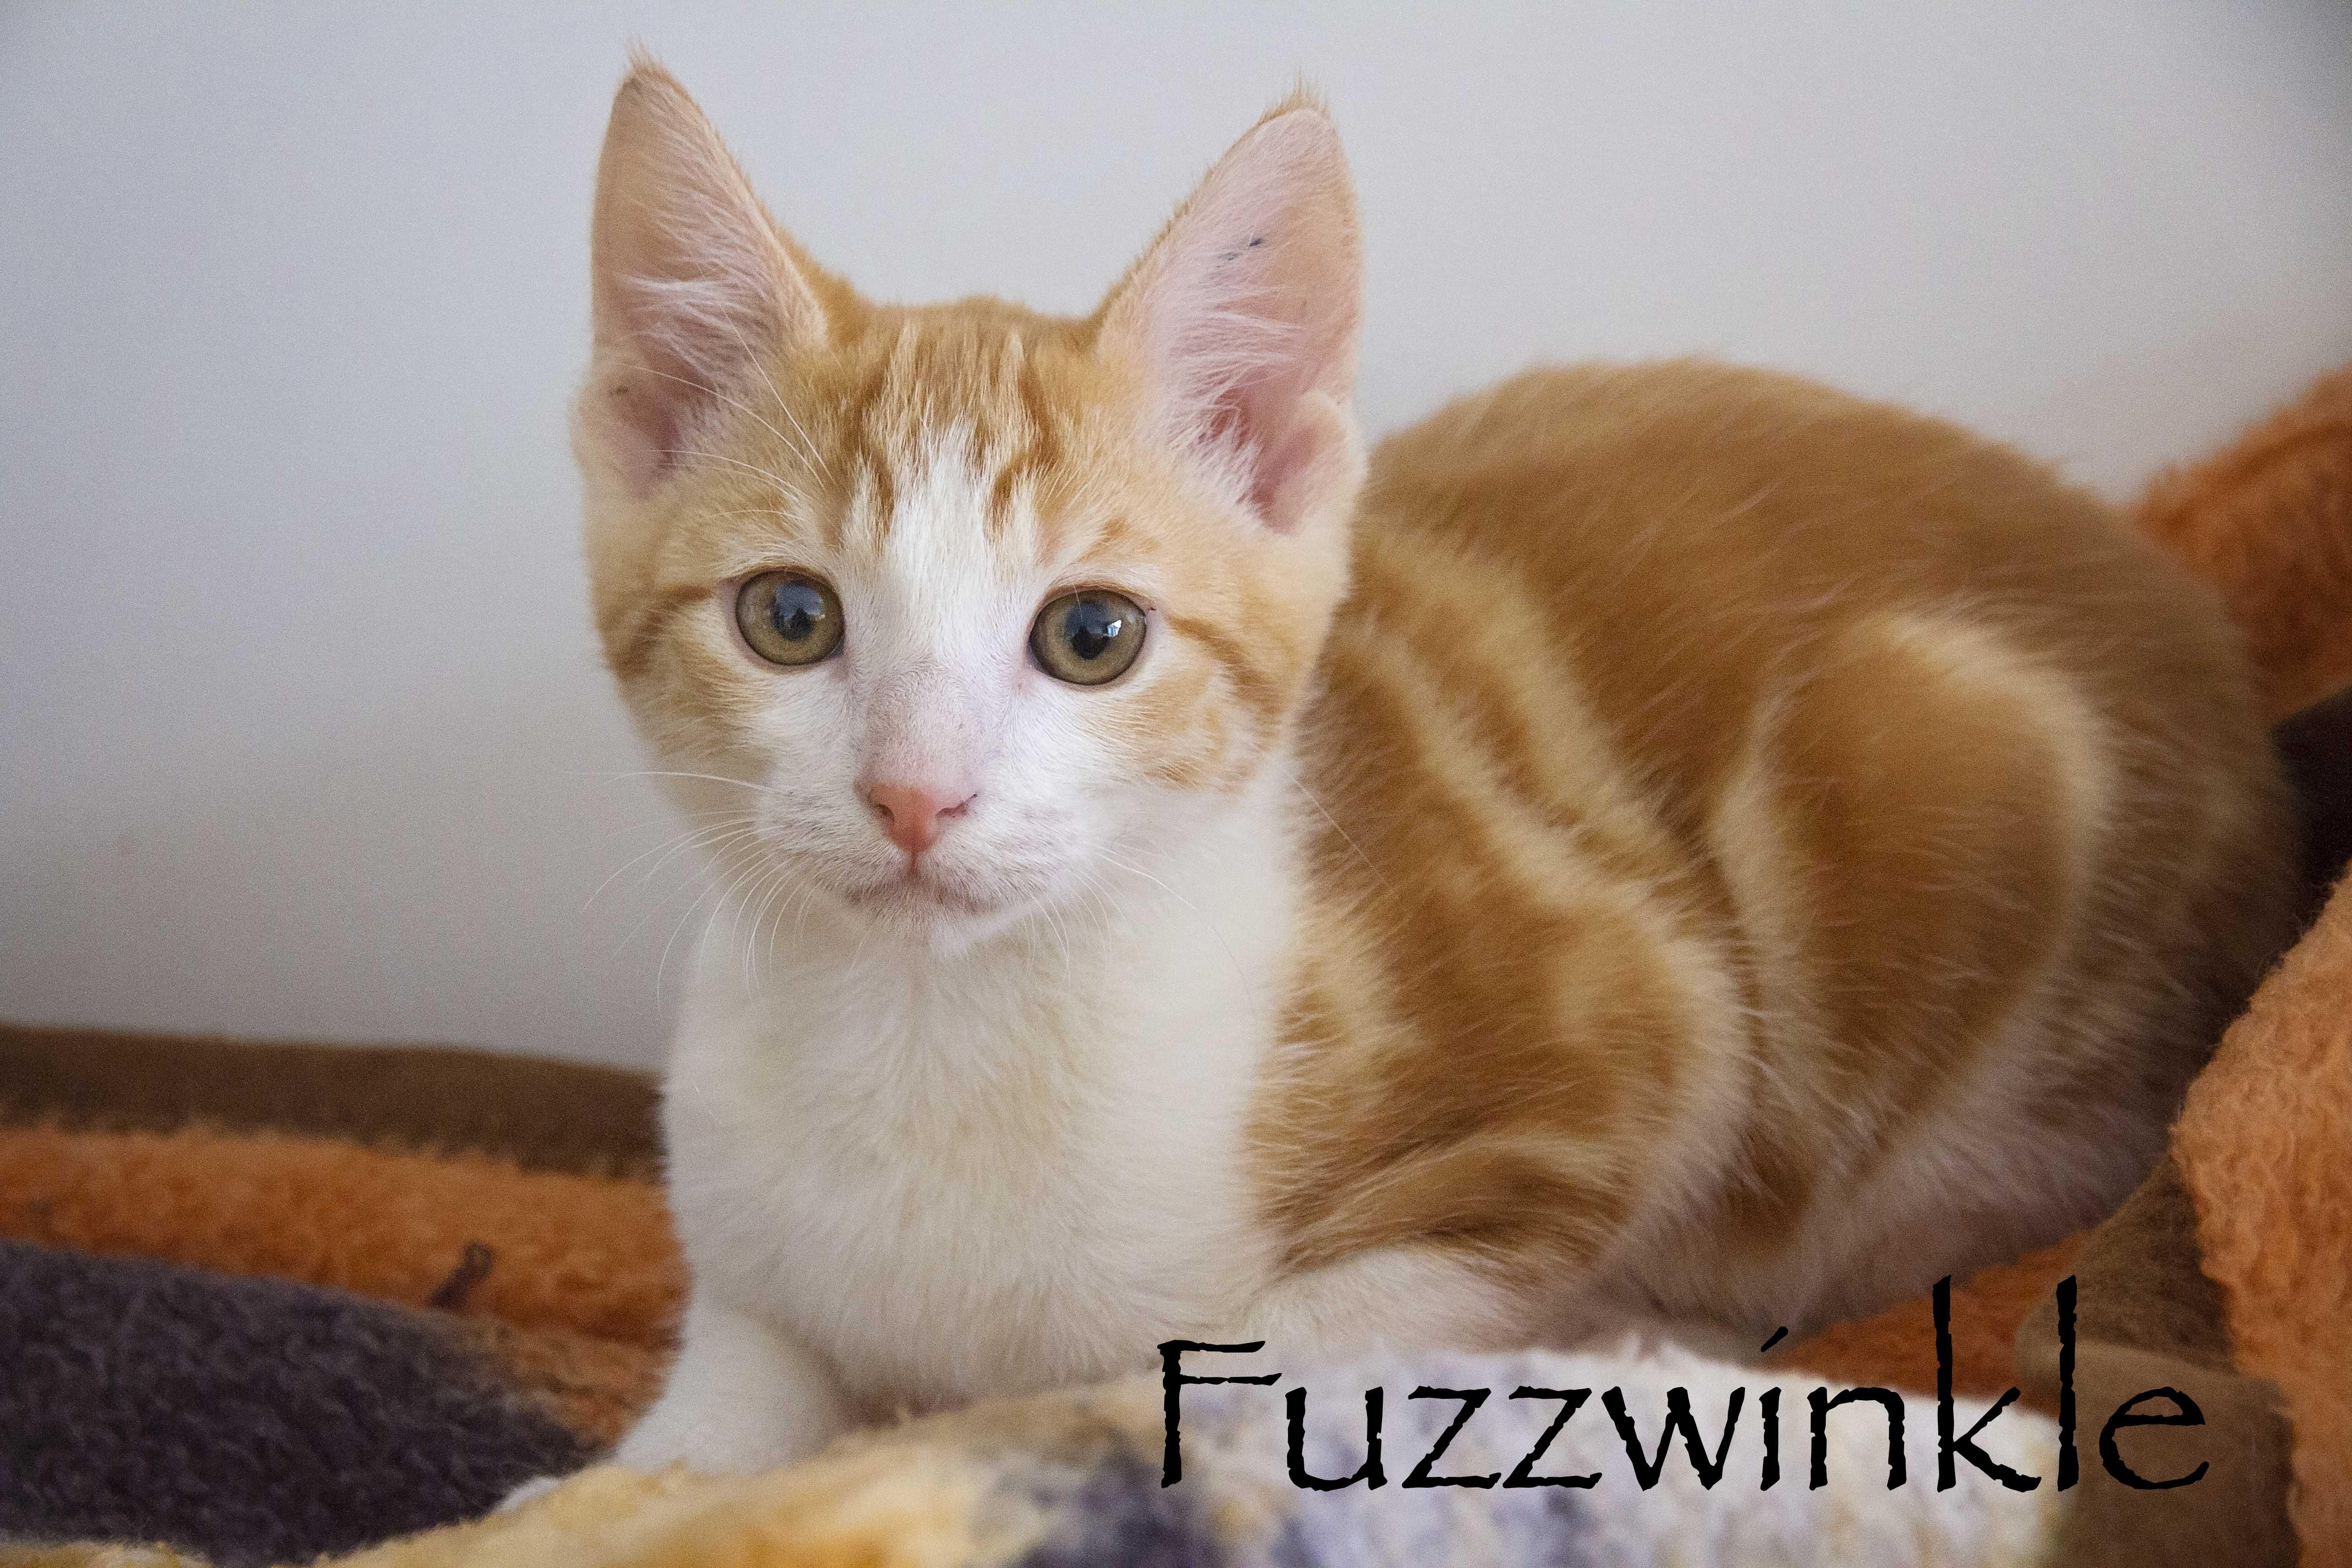 Fuzzwinkle